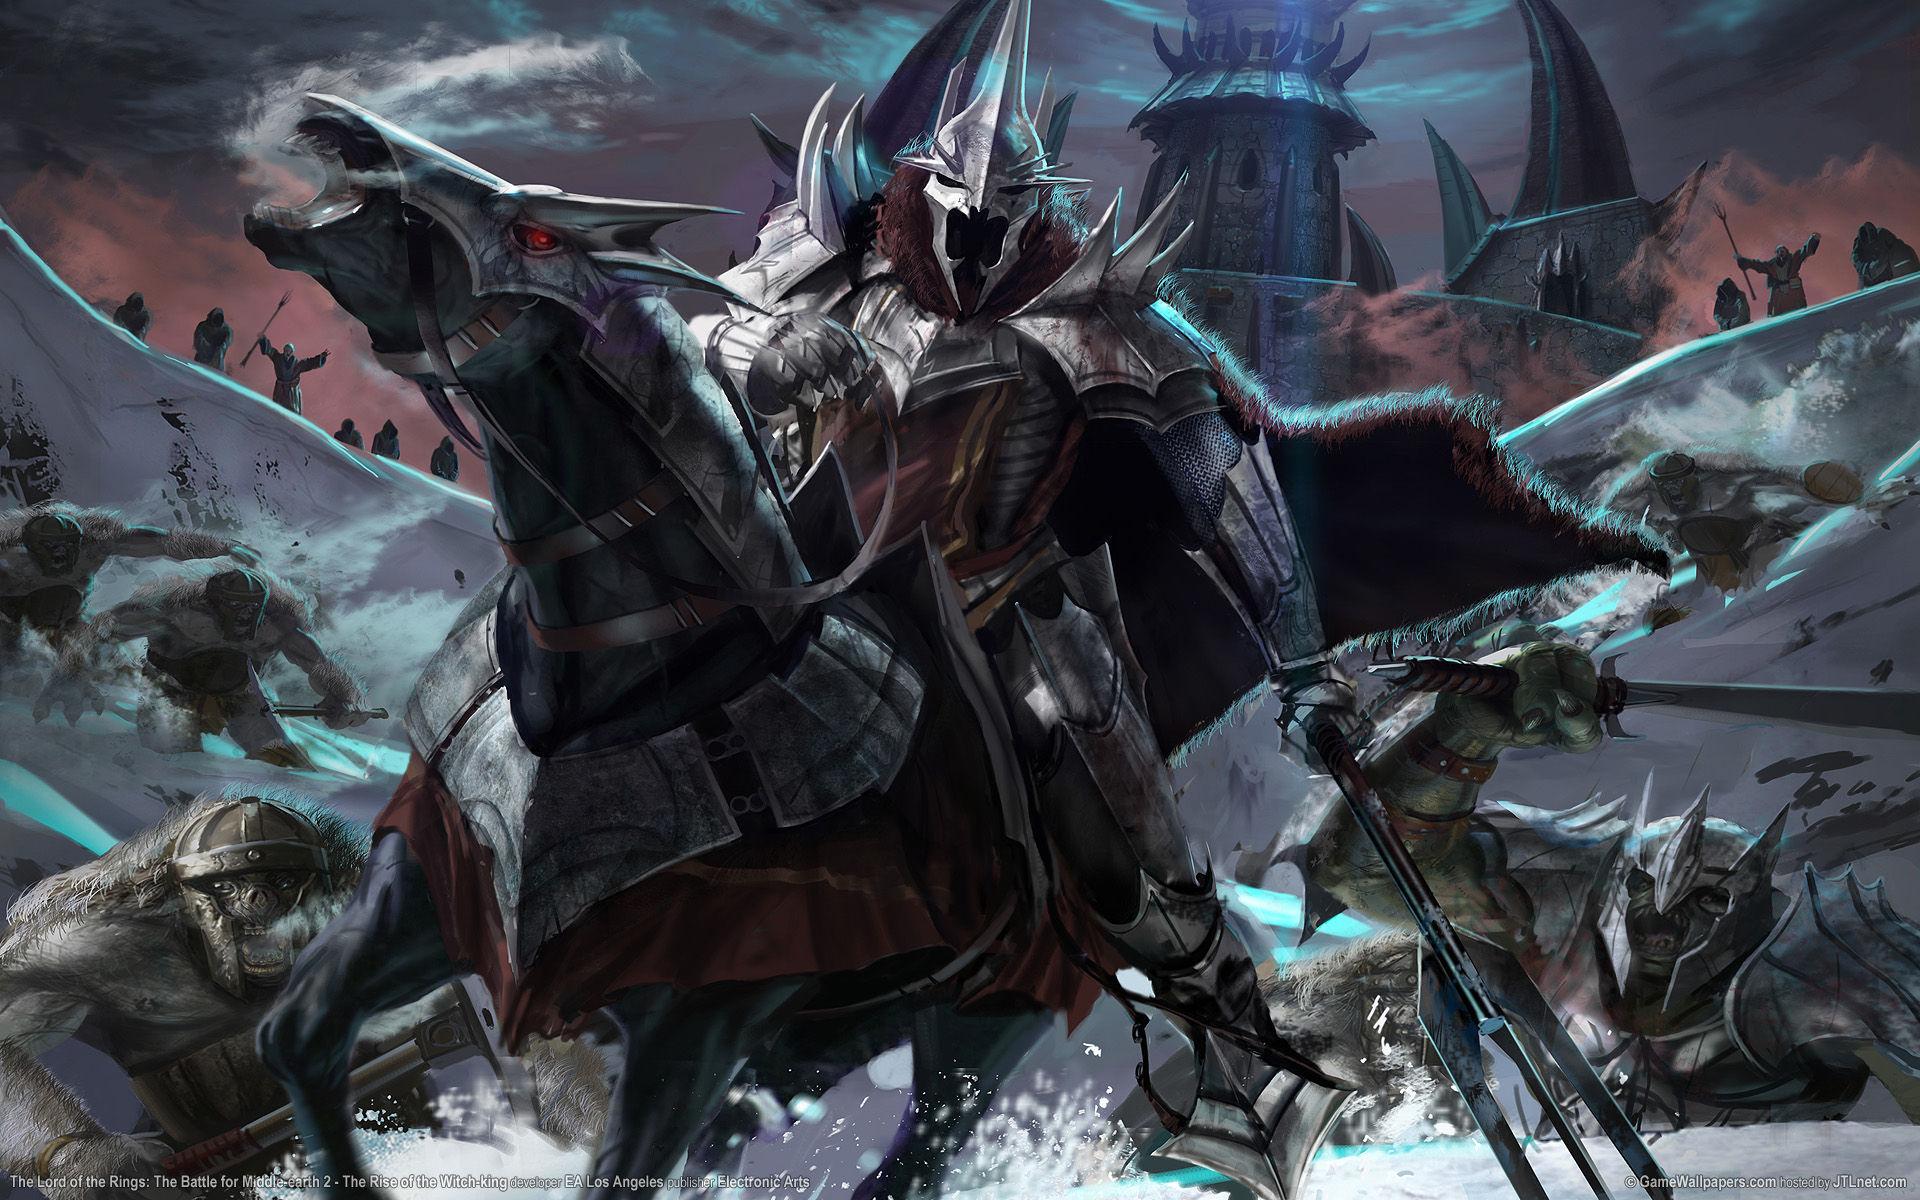 ¿Qué reino de los hombres logró destruir el Rey Brujo de Angmar?